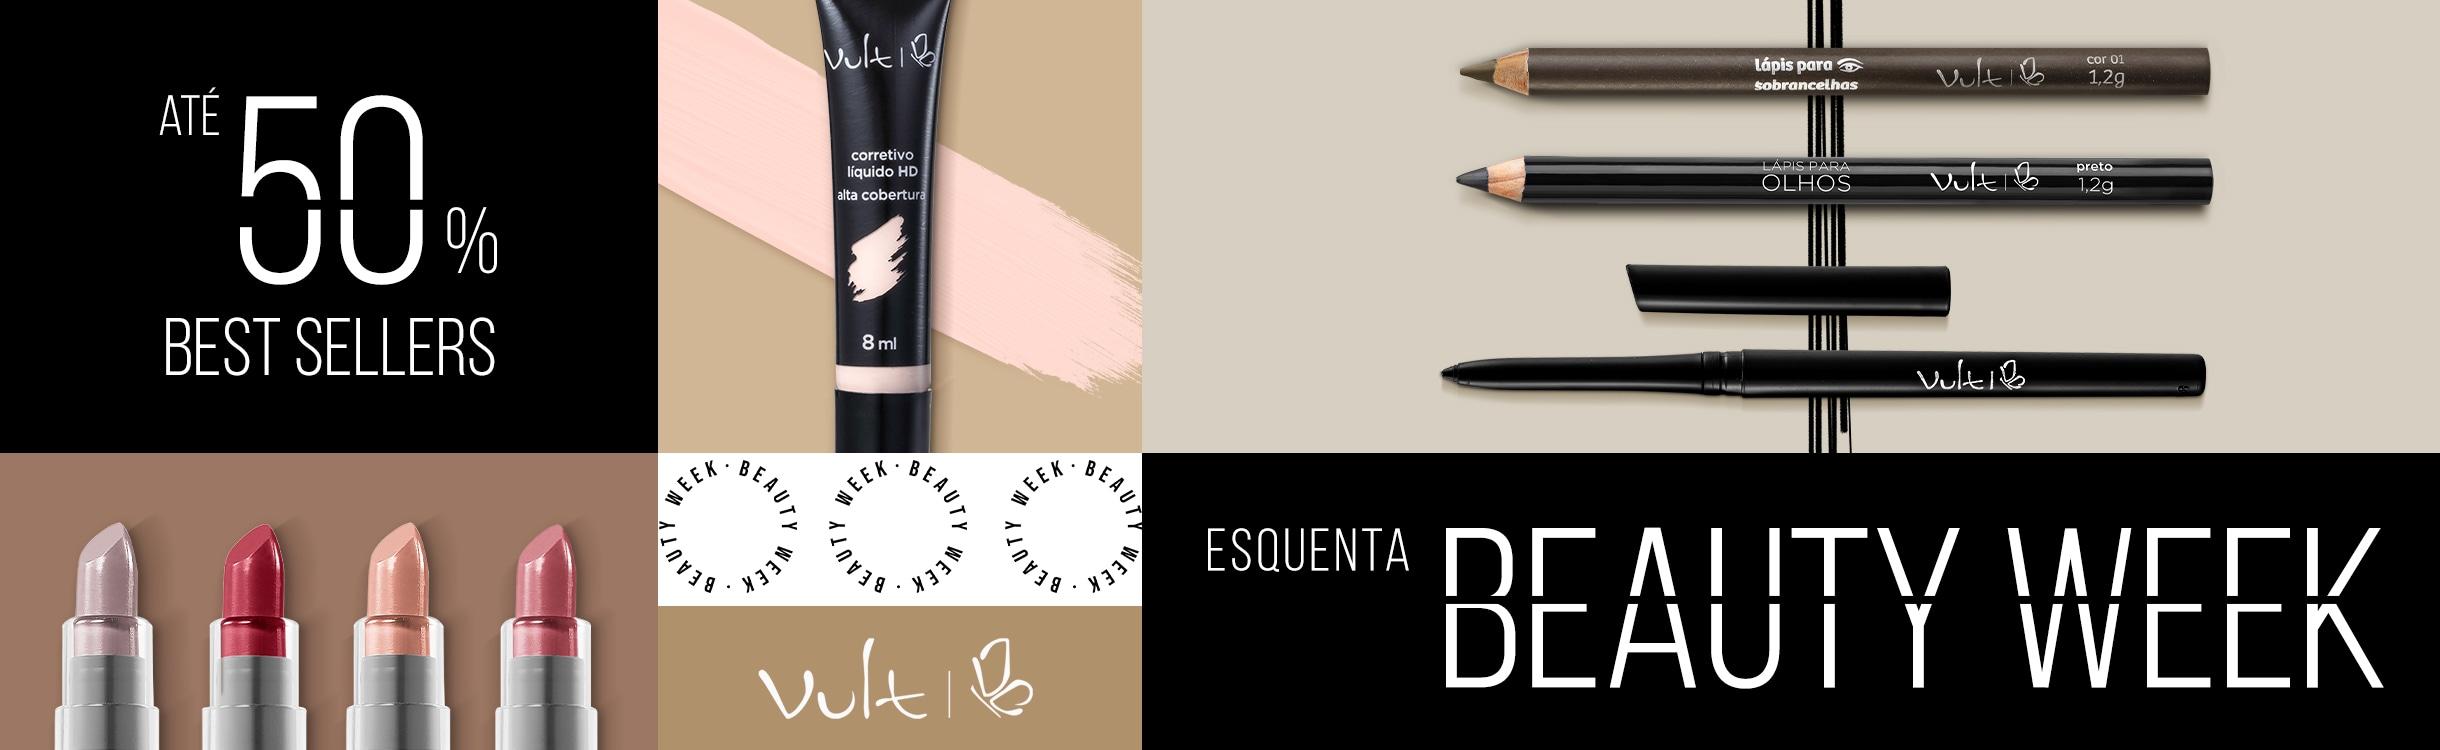 Esquenta Beauty Week: Best Sellers com até 50%OFF